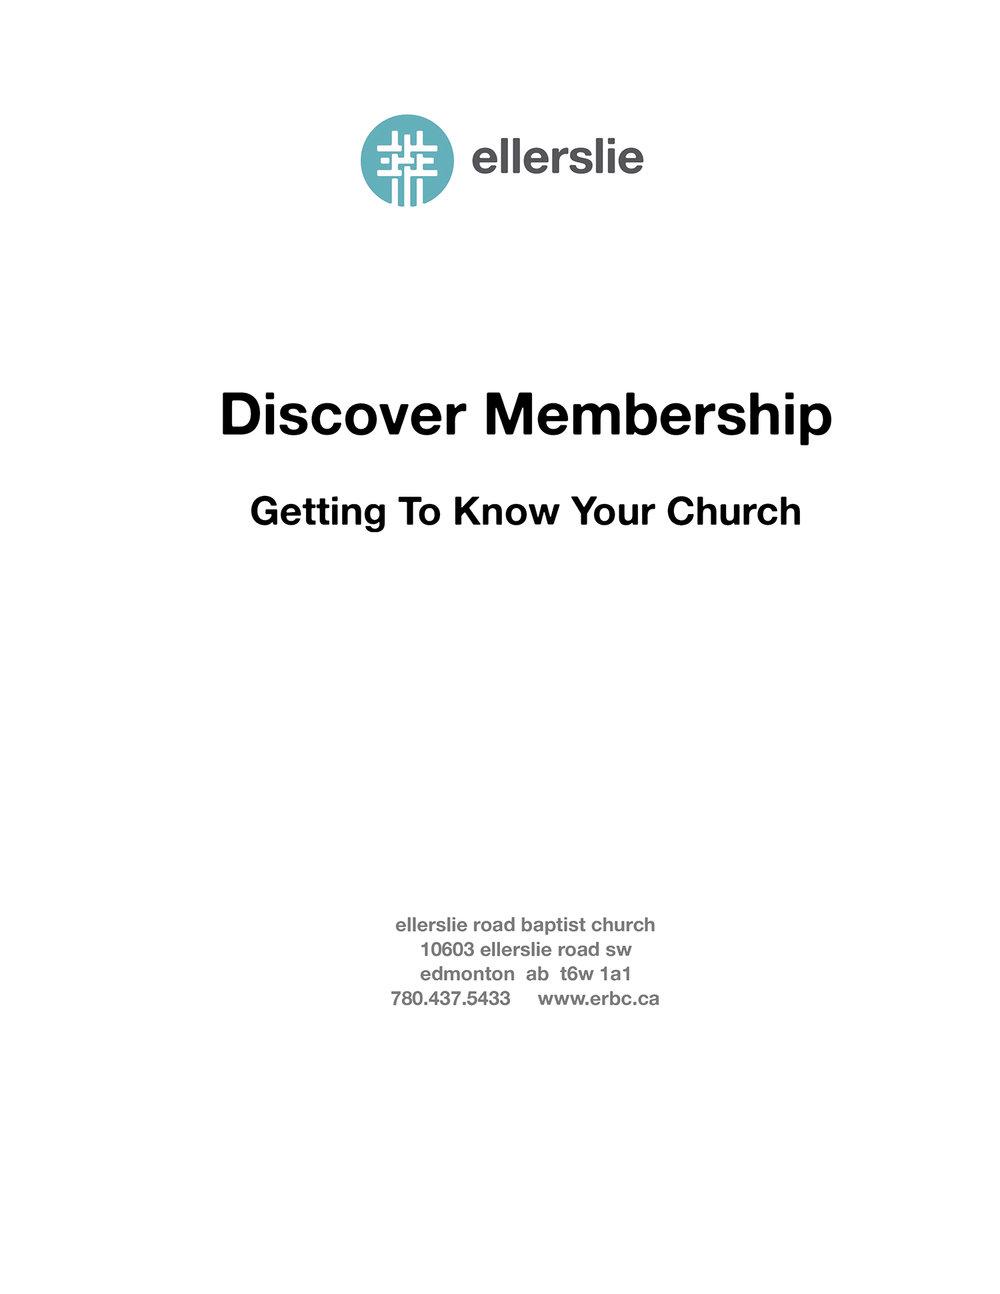 ERBC-Membership-Class-Booklet-(Feb-2017)-1.jpg